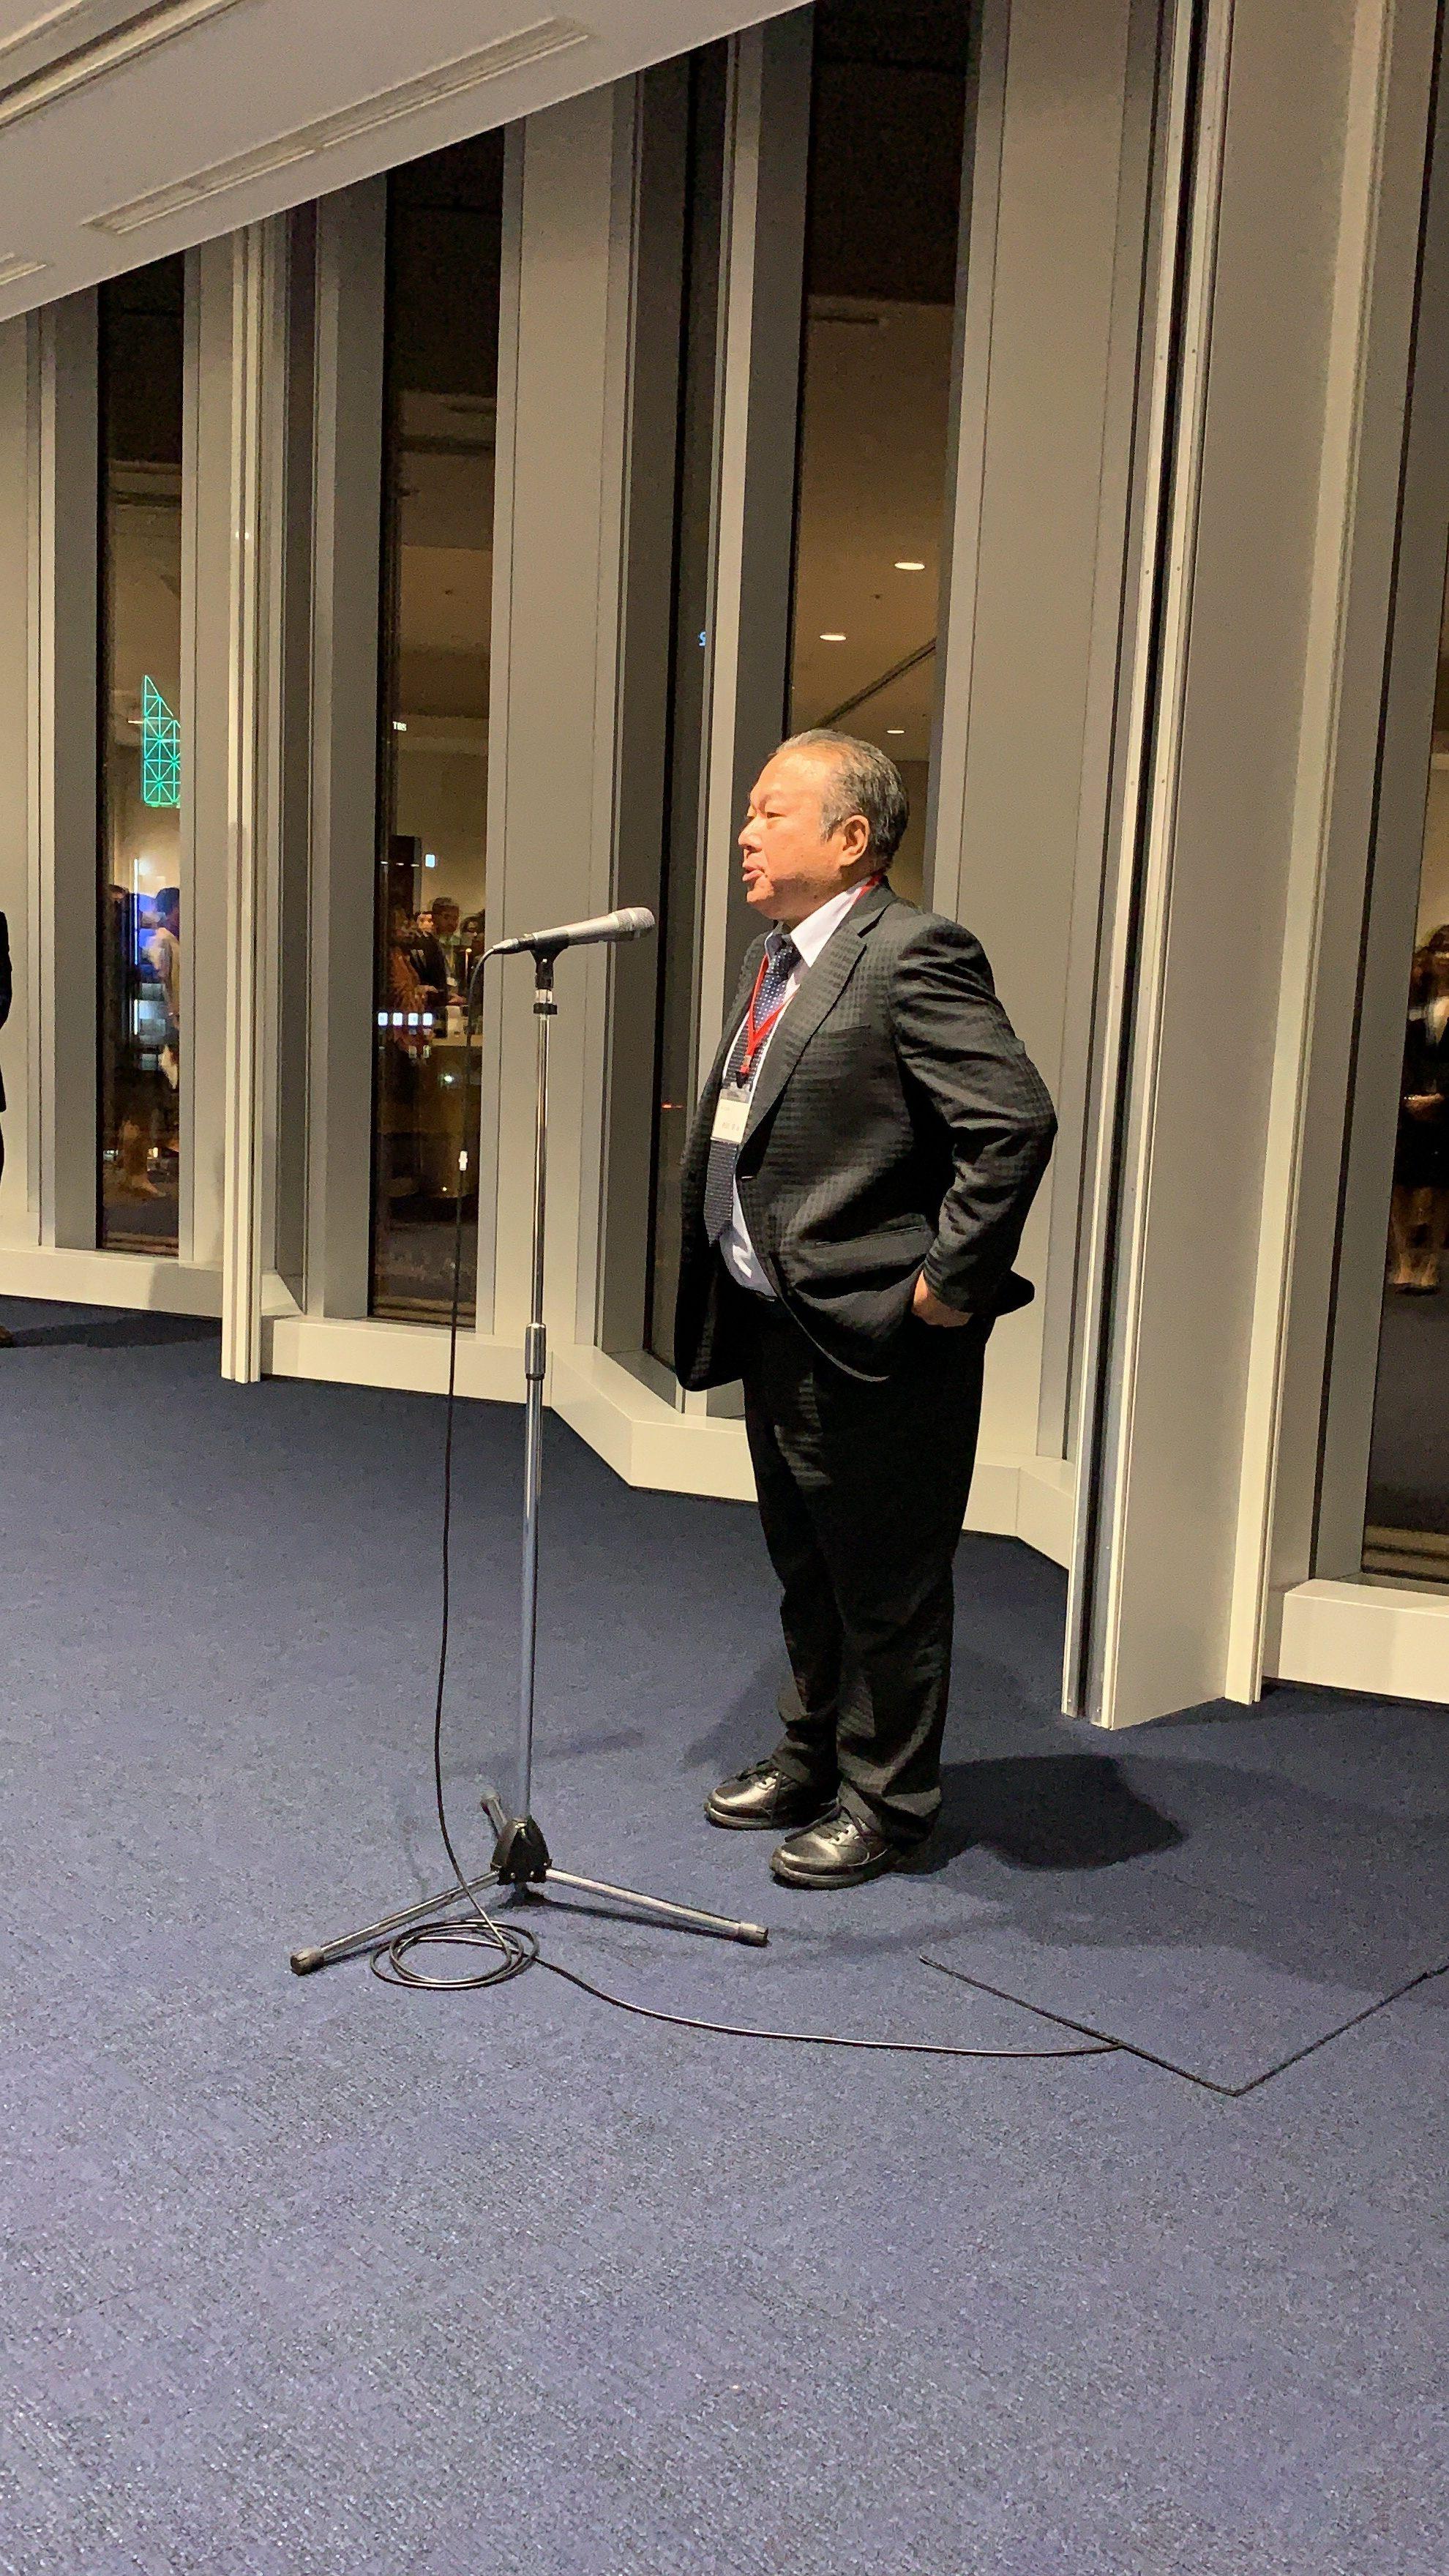 東京で認知症医療に関する講演を行って参りました。